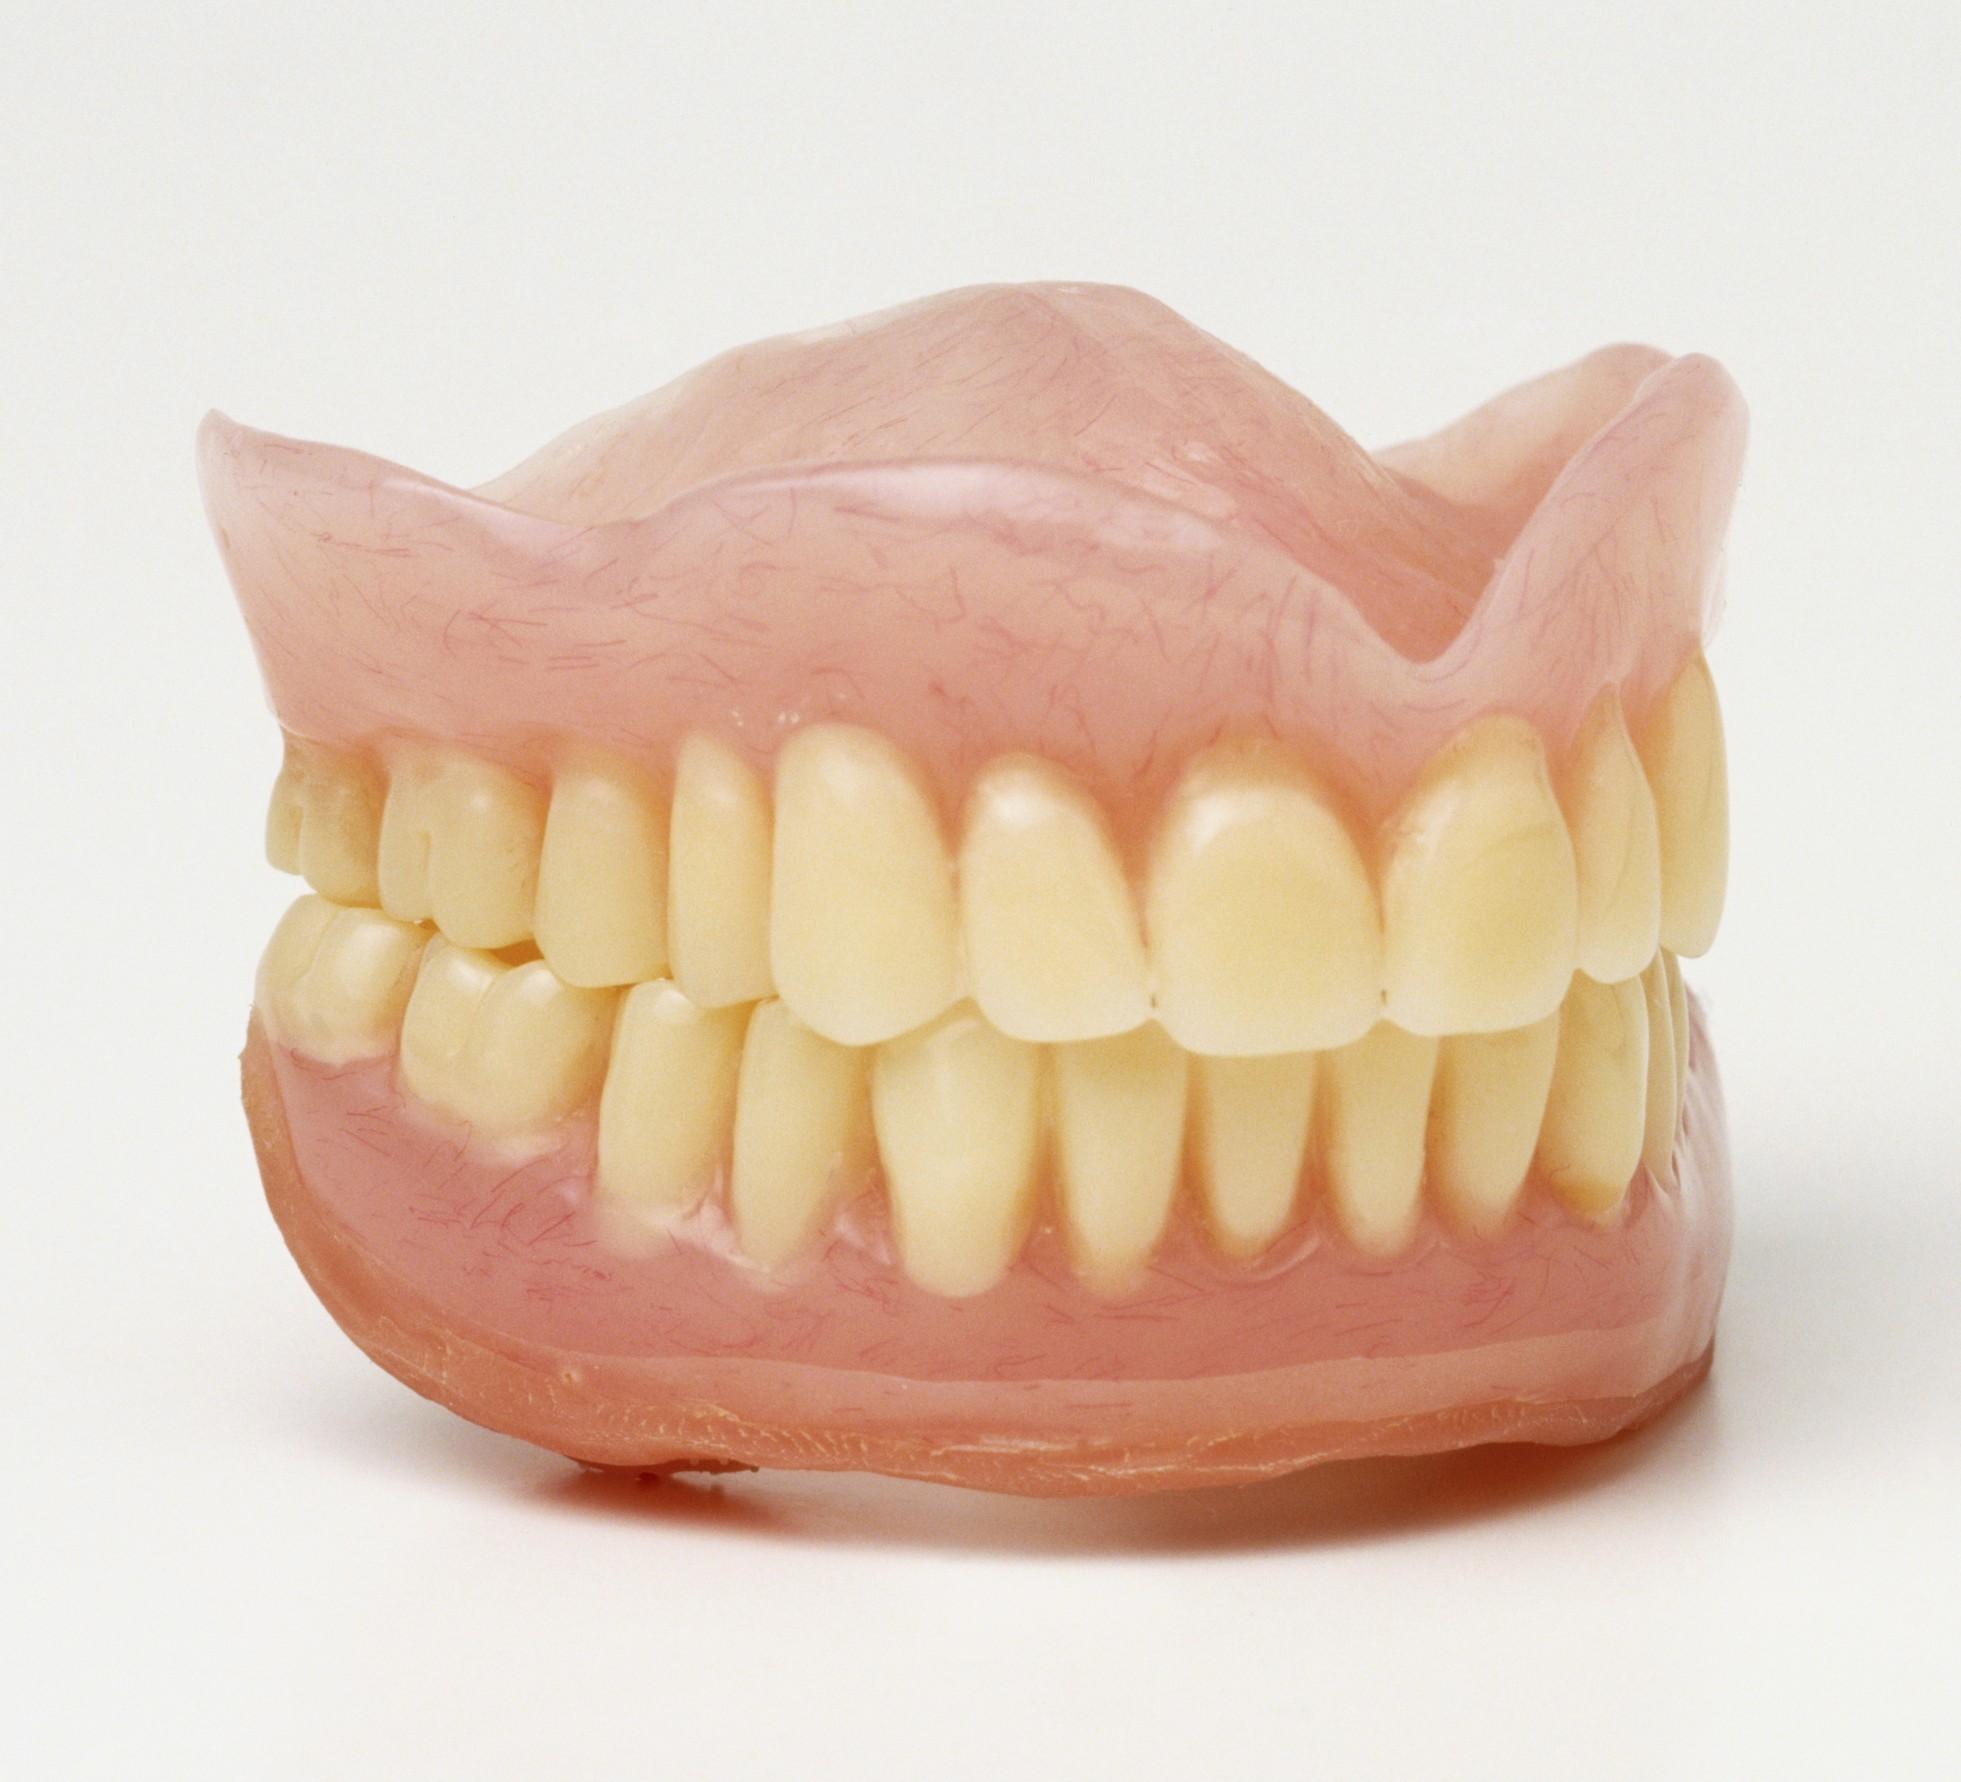 Картинки челюстей смешные, прикольные картинки